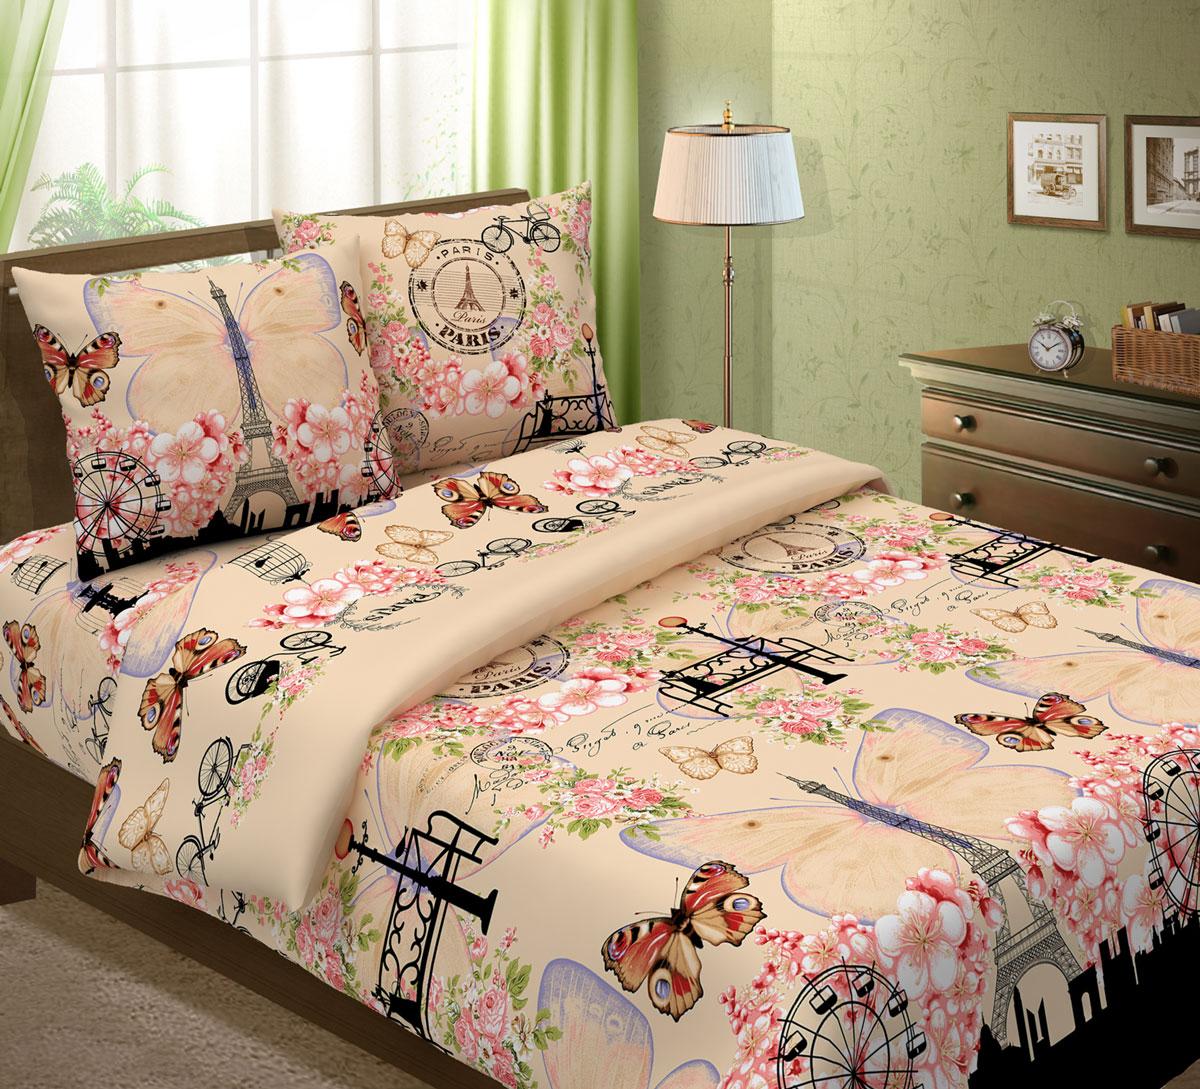 Комплект белья Seta Бонжур, 2-спальный, наволочки 70x70, цвет: бежевый01523510